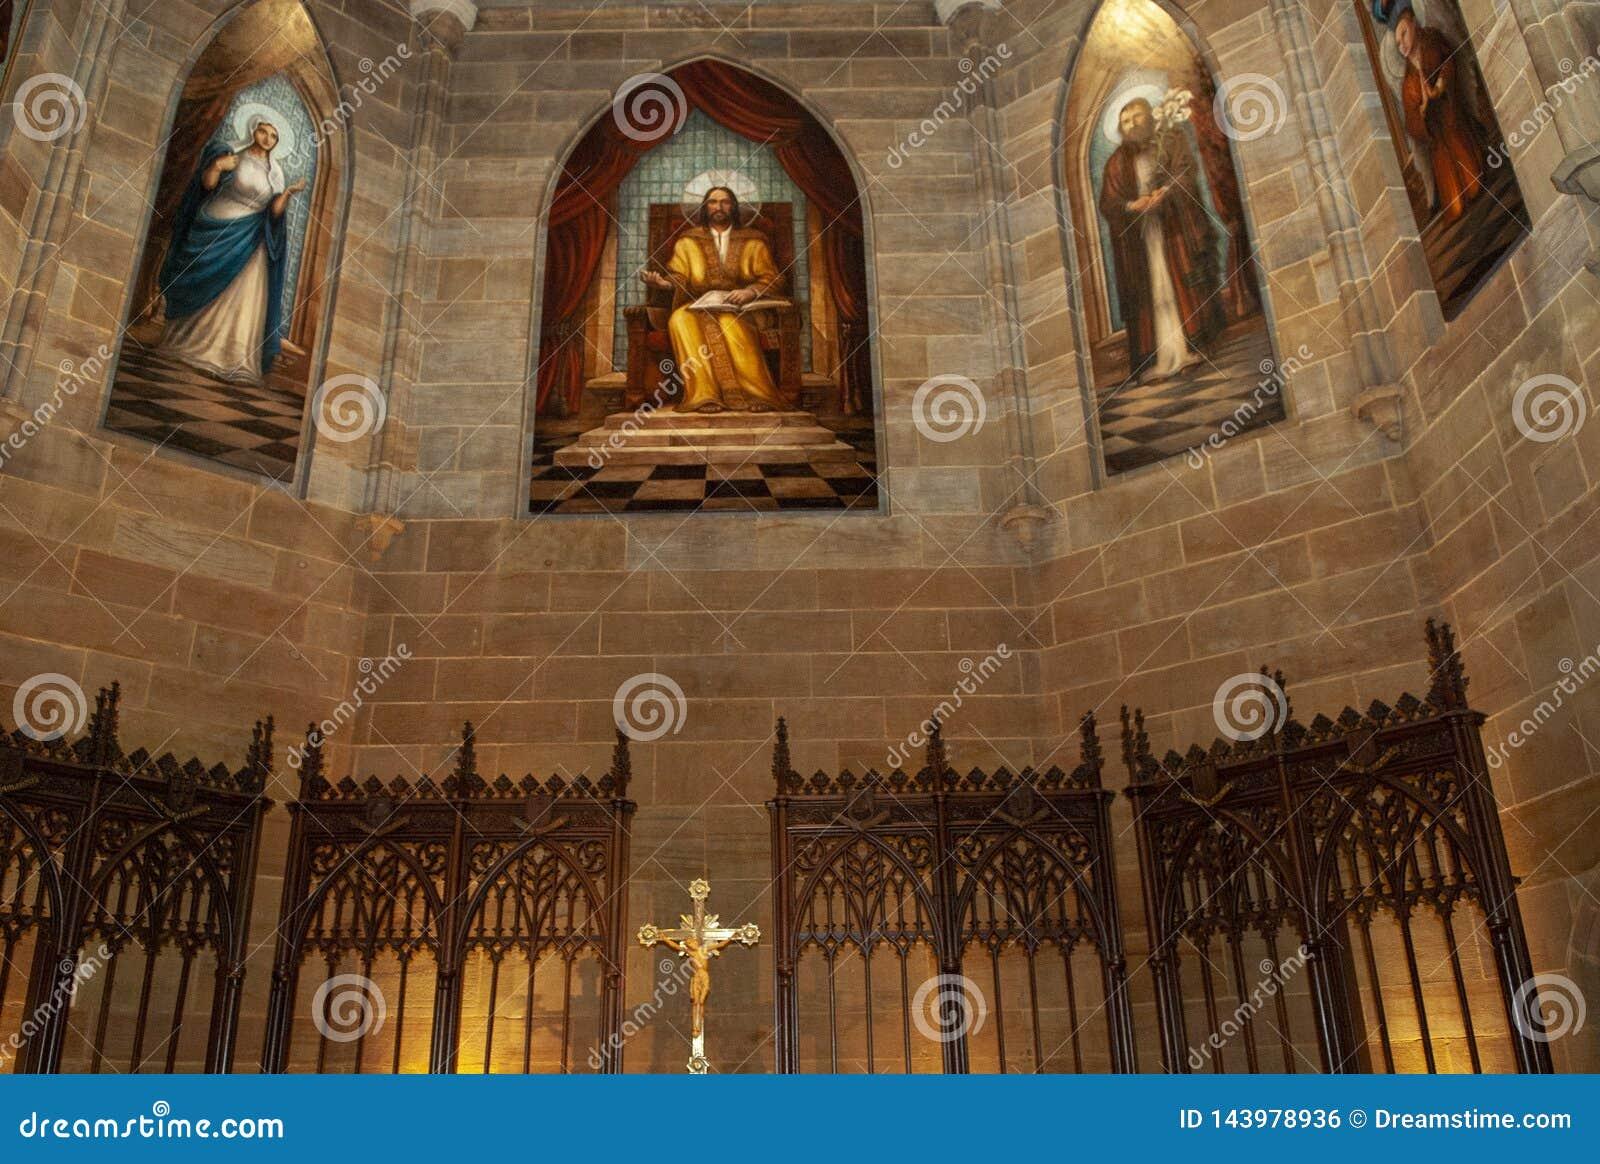 这是与污迹玻璃窗的一块天主教天花板